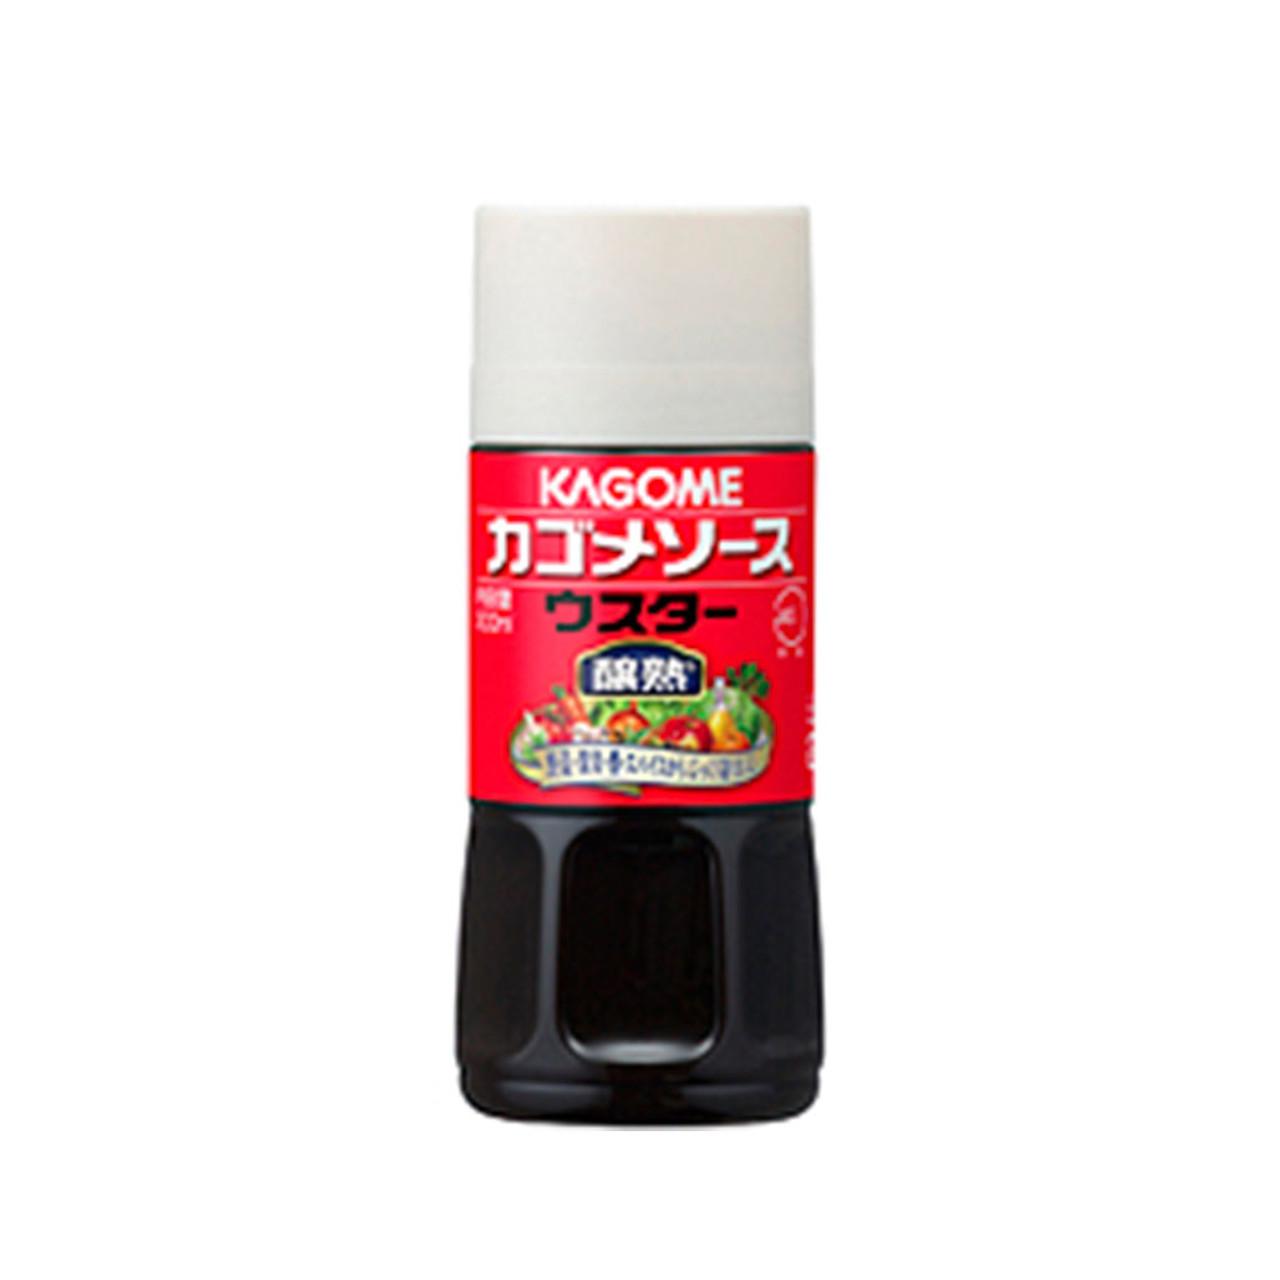 Kagome Worcester Sauce